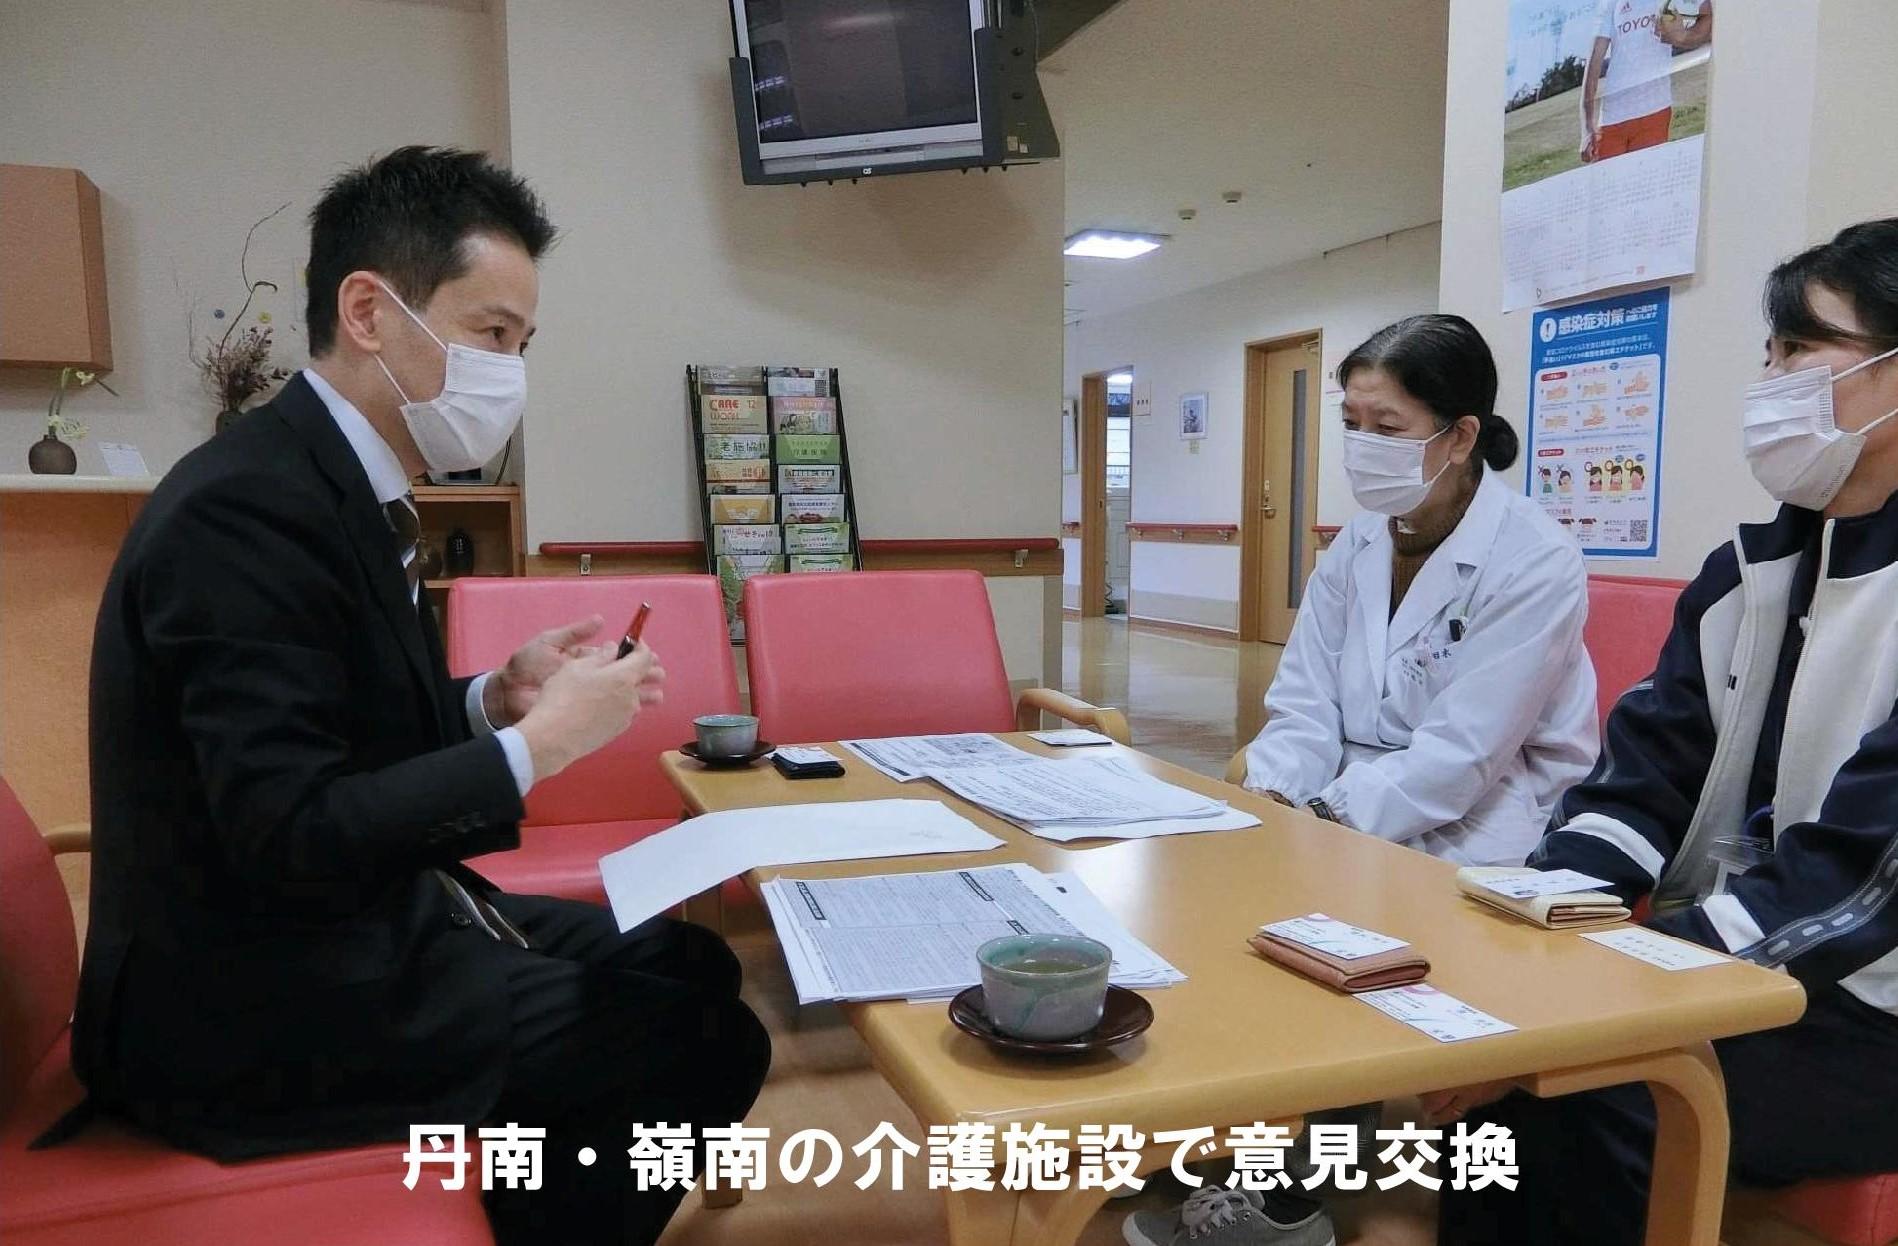 介護のICT化を福井で開始!新型コロナに立ち向かう医療・介護・福祉の現場を支援!